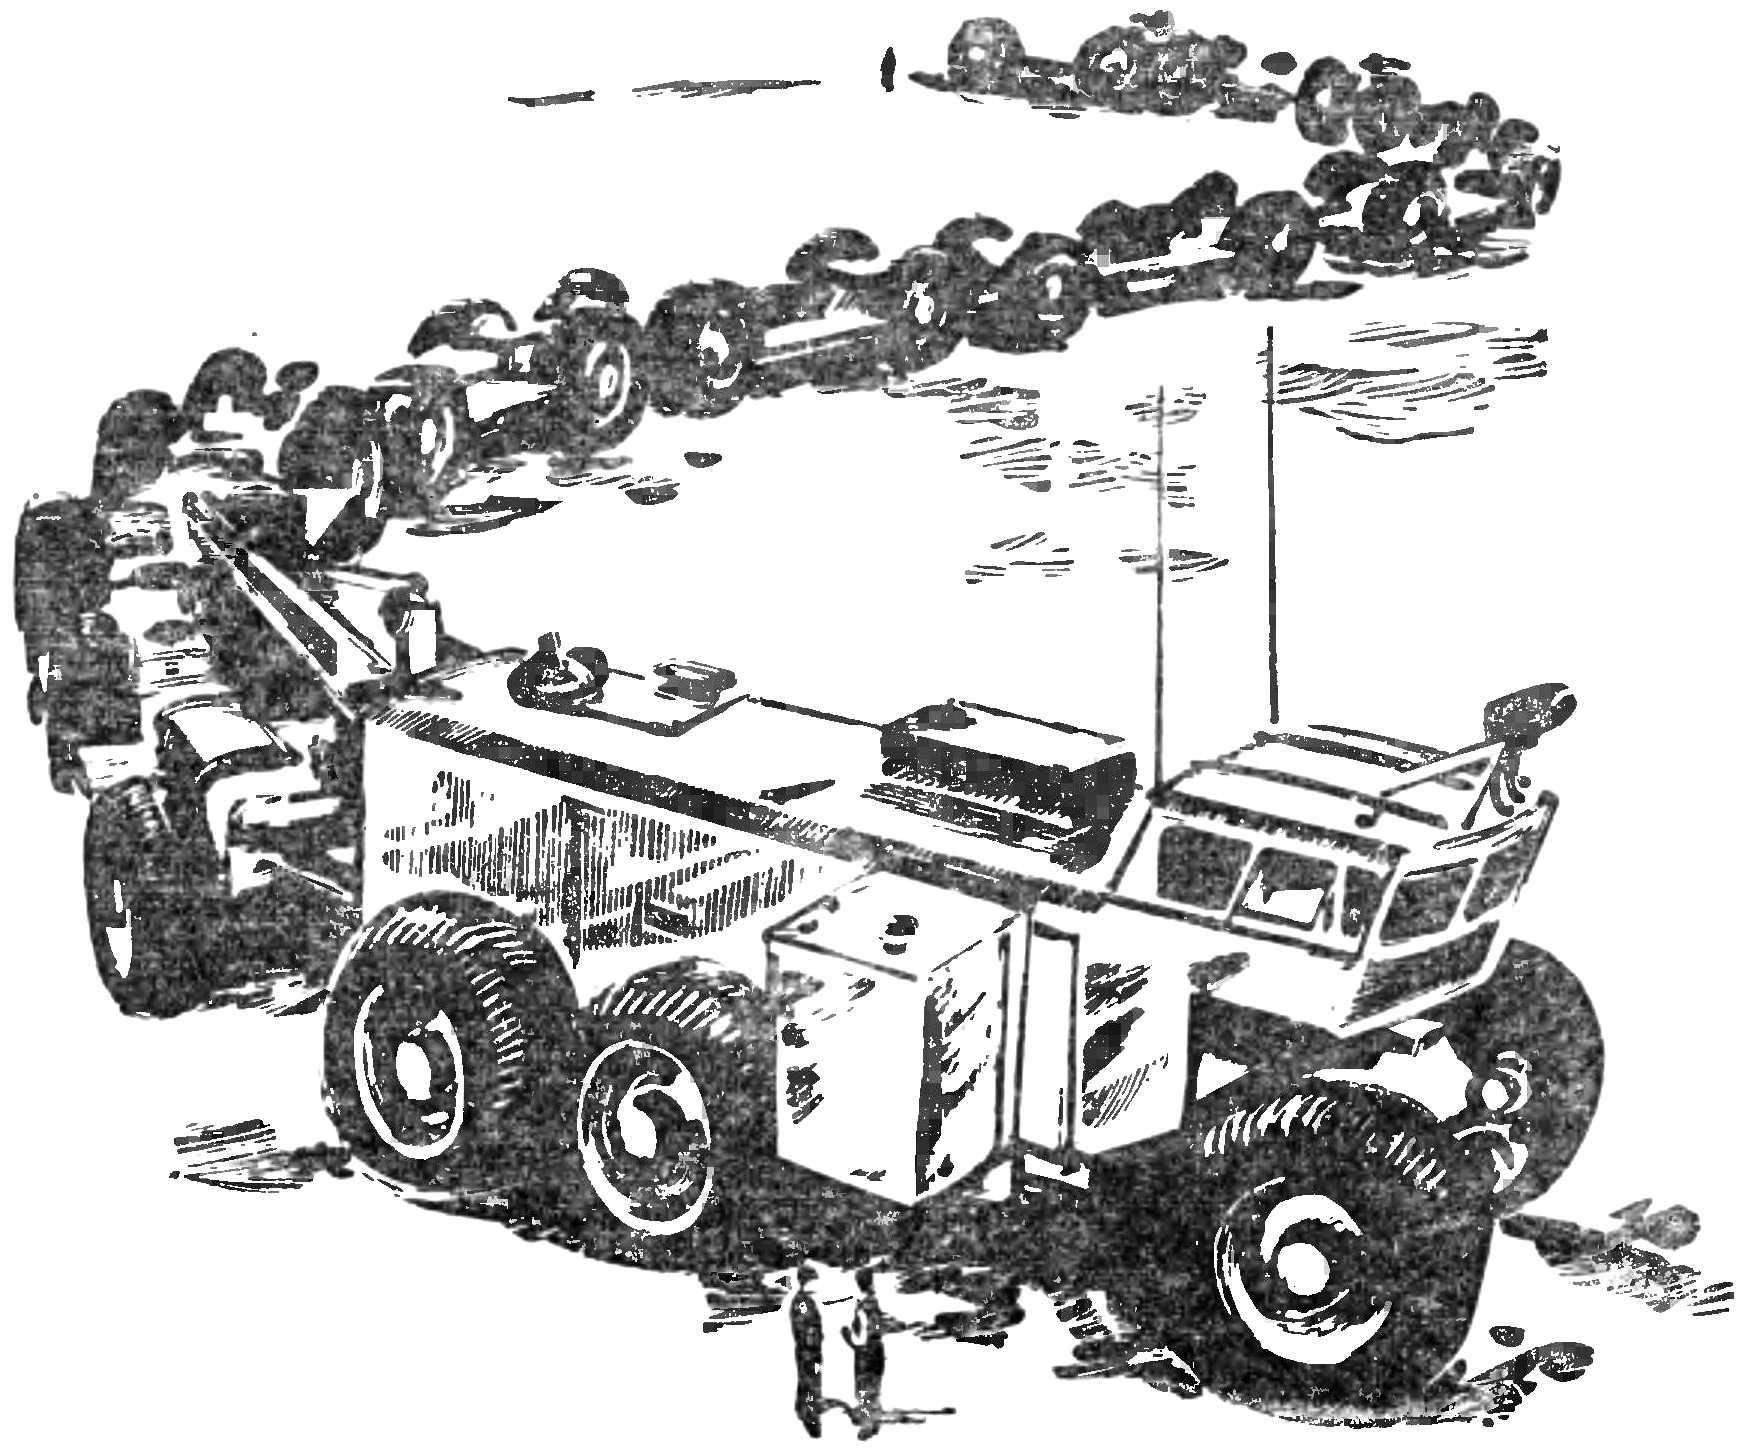 Рис. 9. Гигантский многозвенный автопоезд